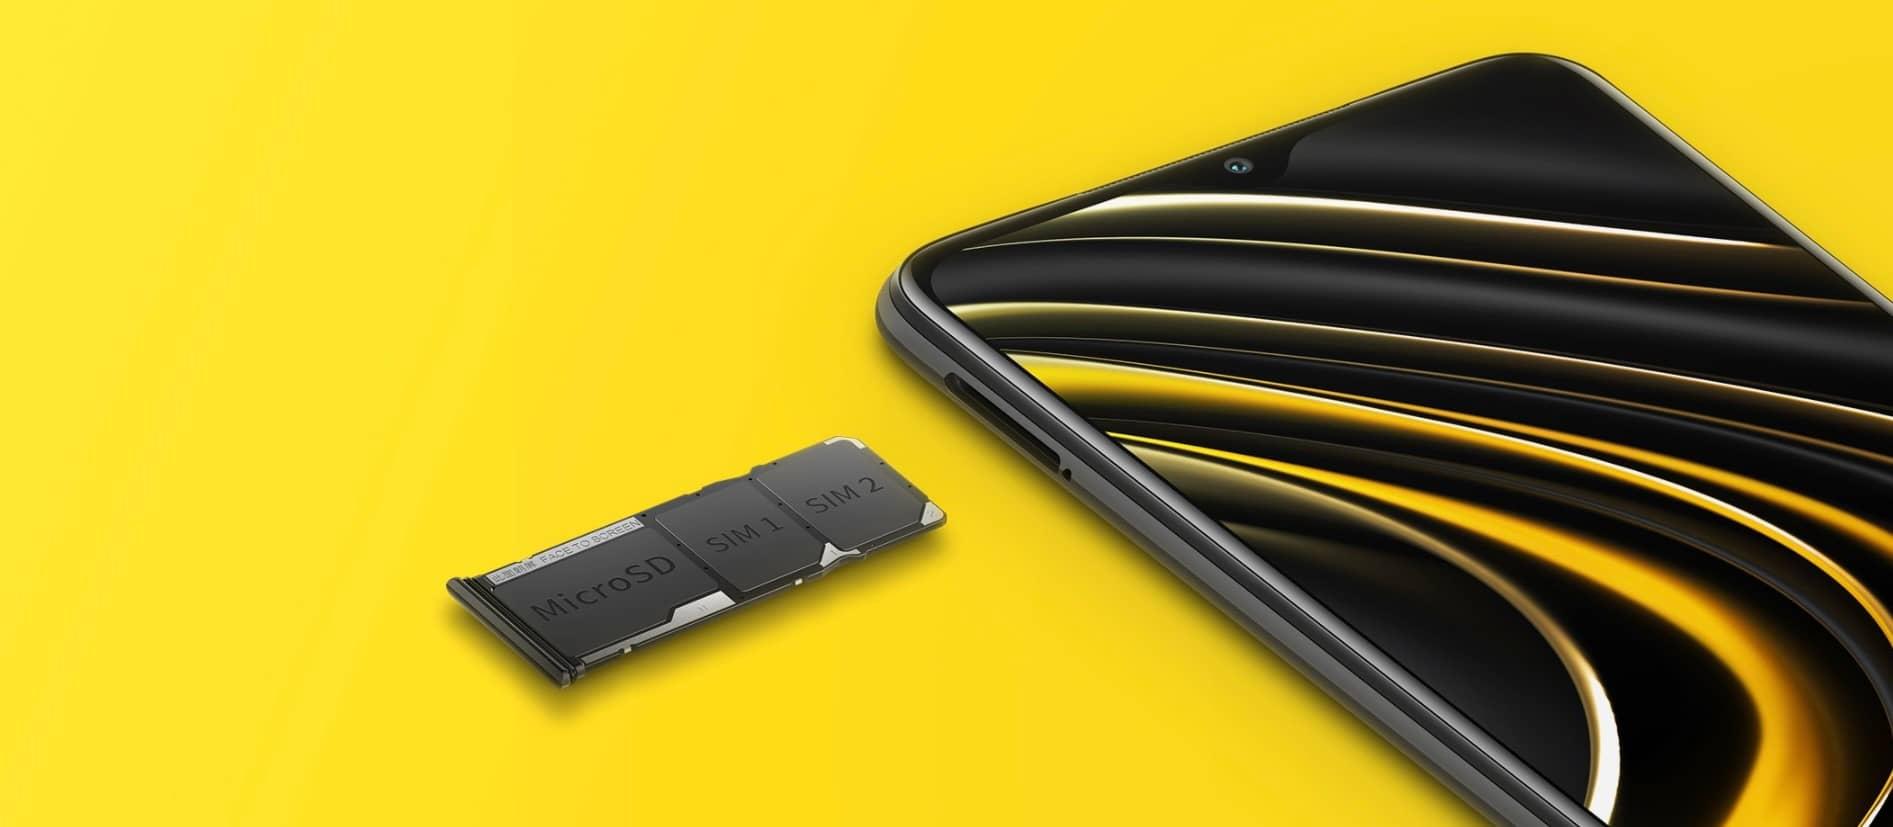 Xiaomi POCO M3 лоток для 2 сим-карт и карты памяти